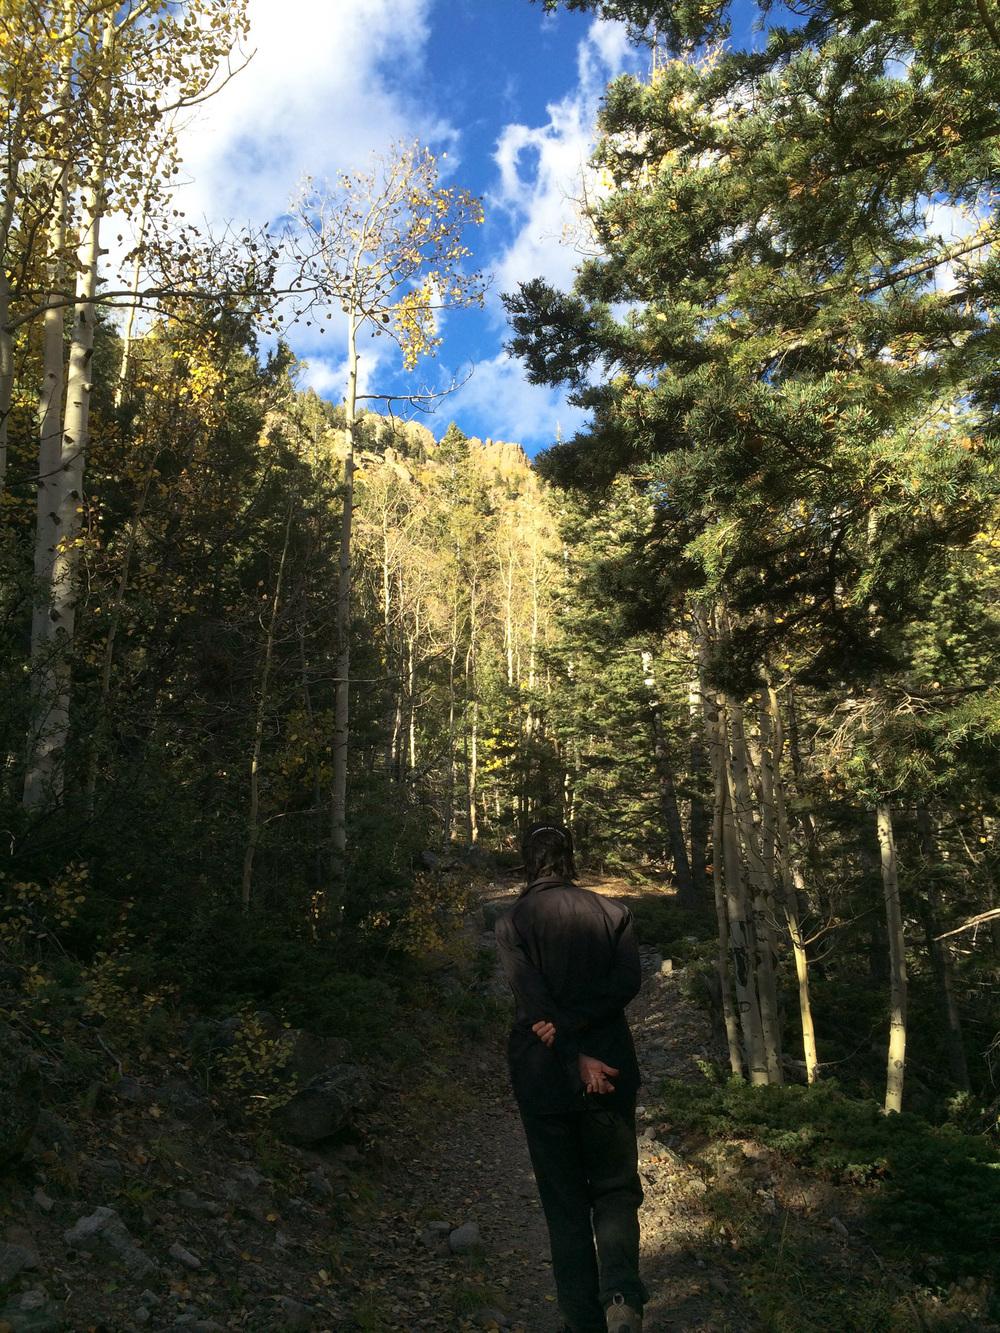 site-10-5-14 n. crestone trail walk.jpg